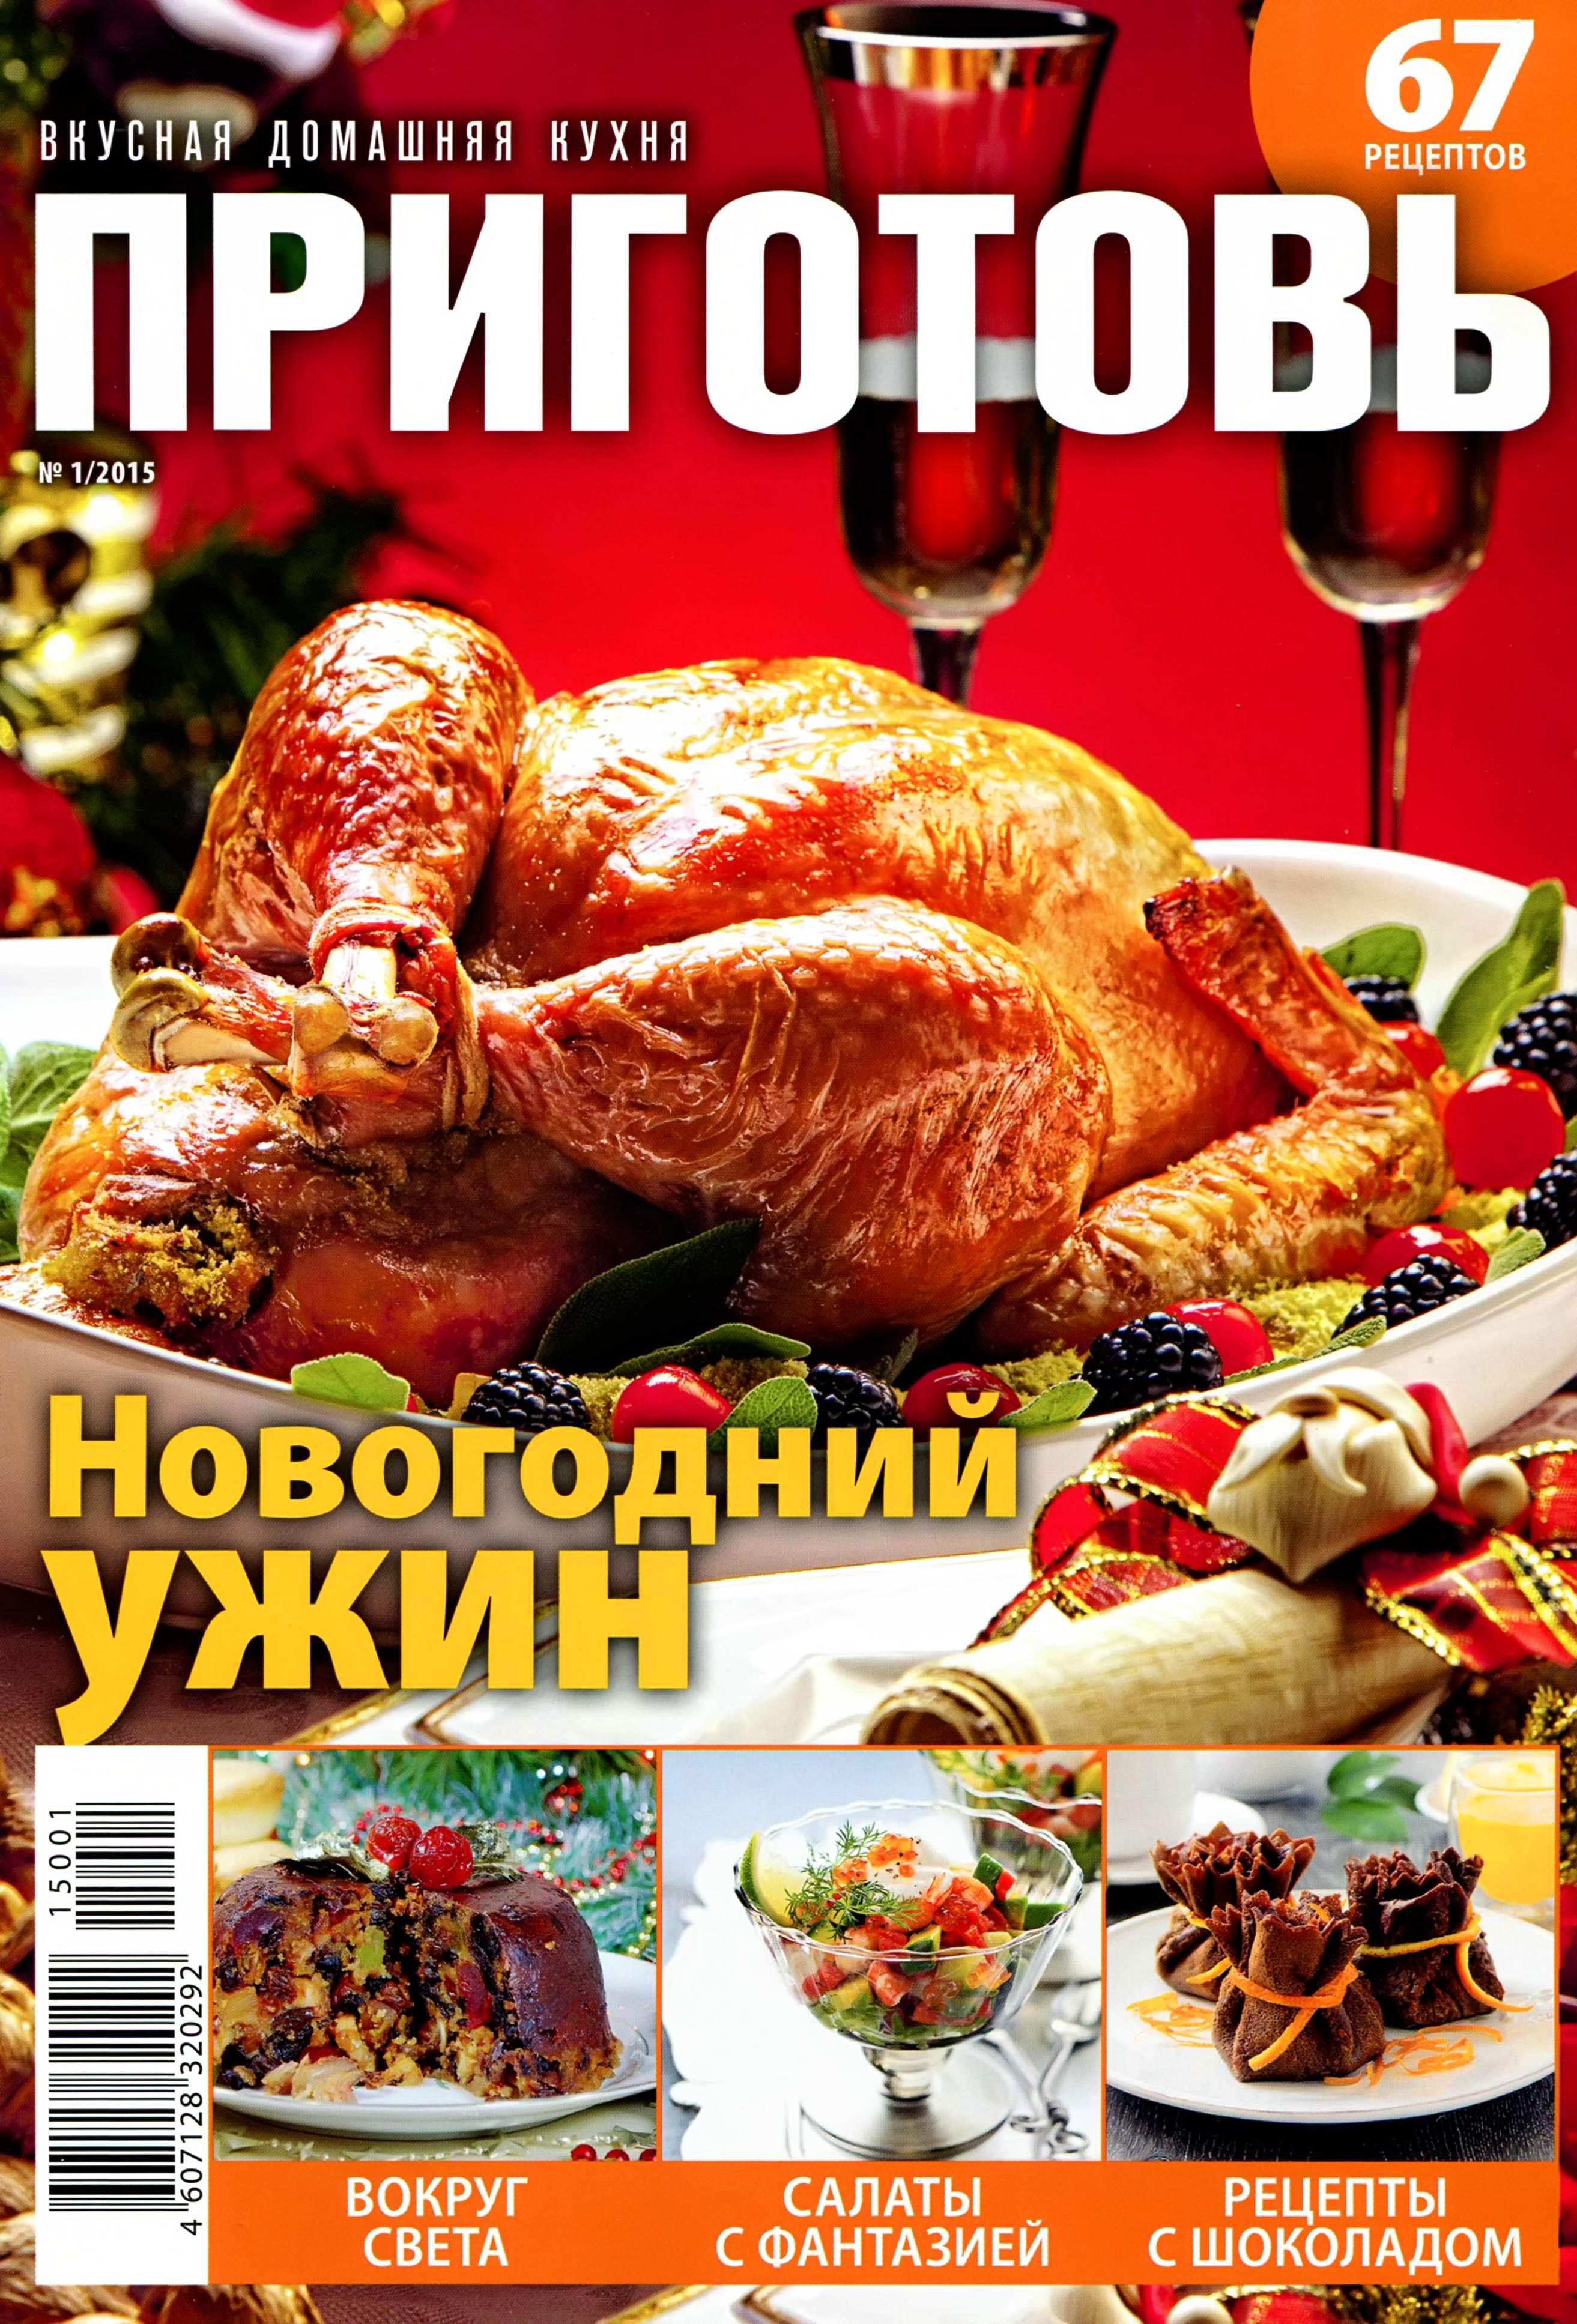 Prigotov    1 2015 goda Приготовь